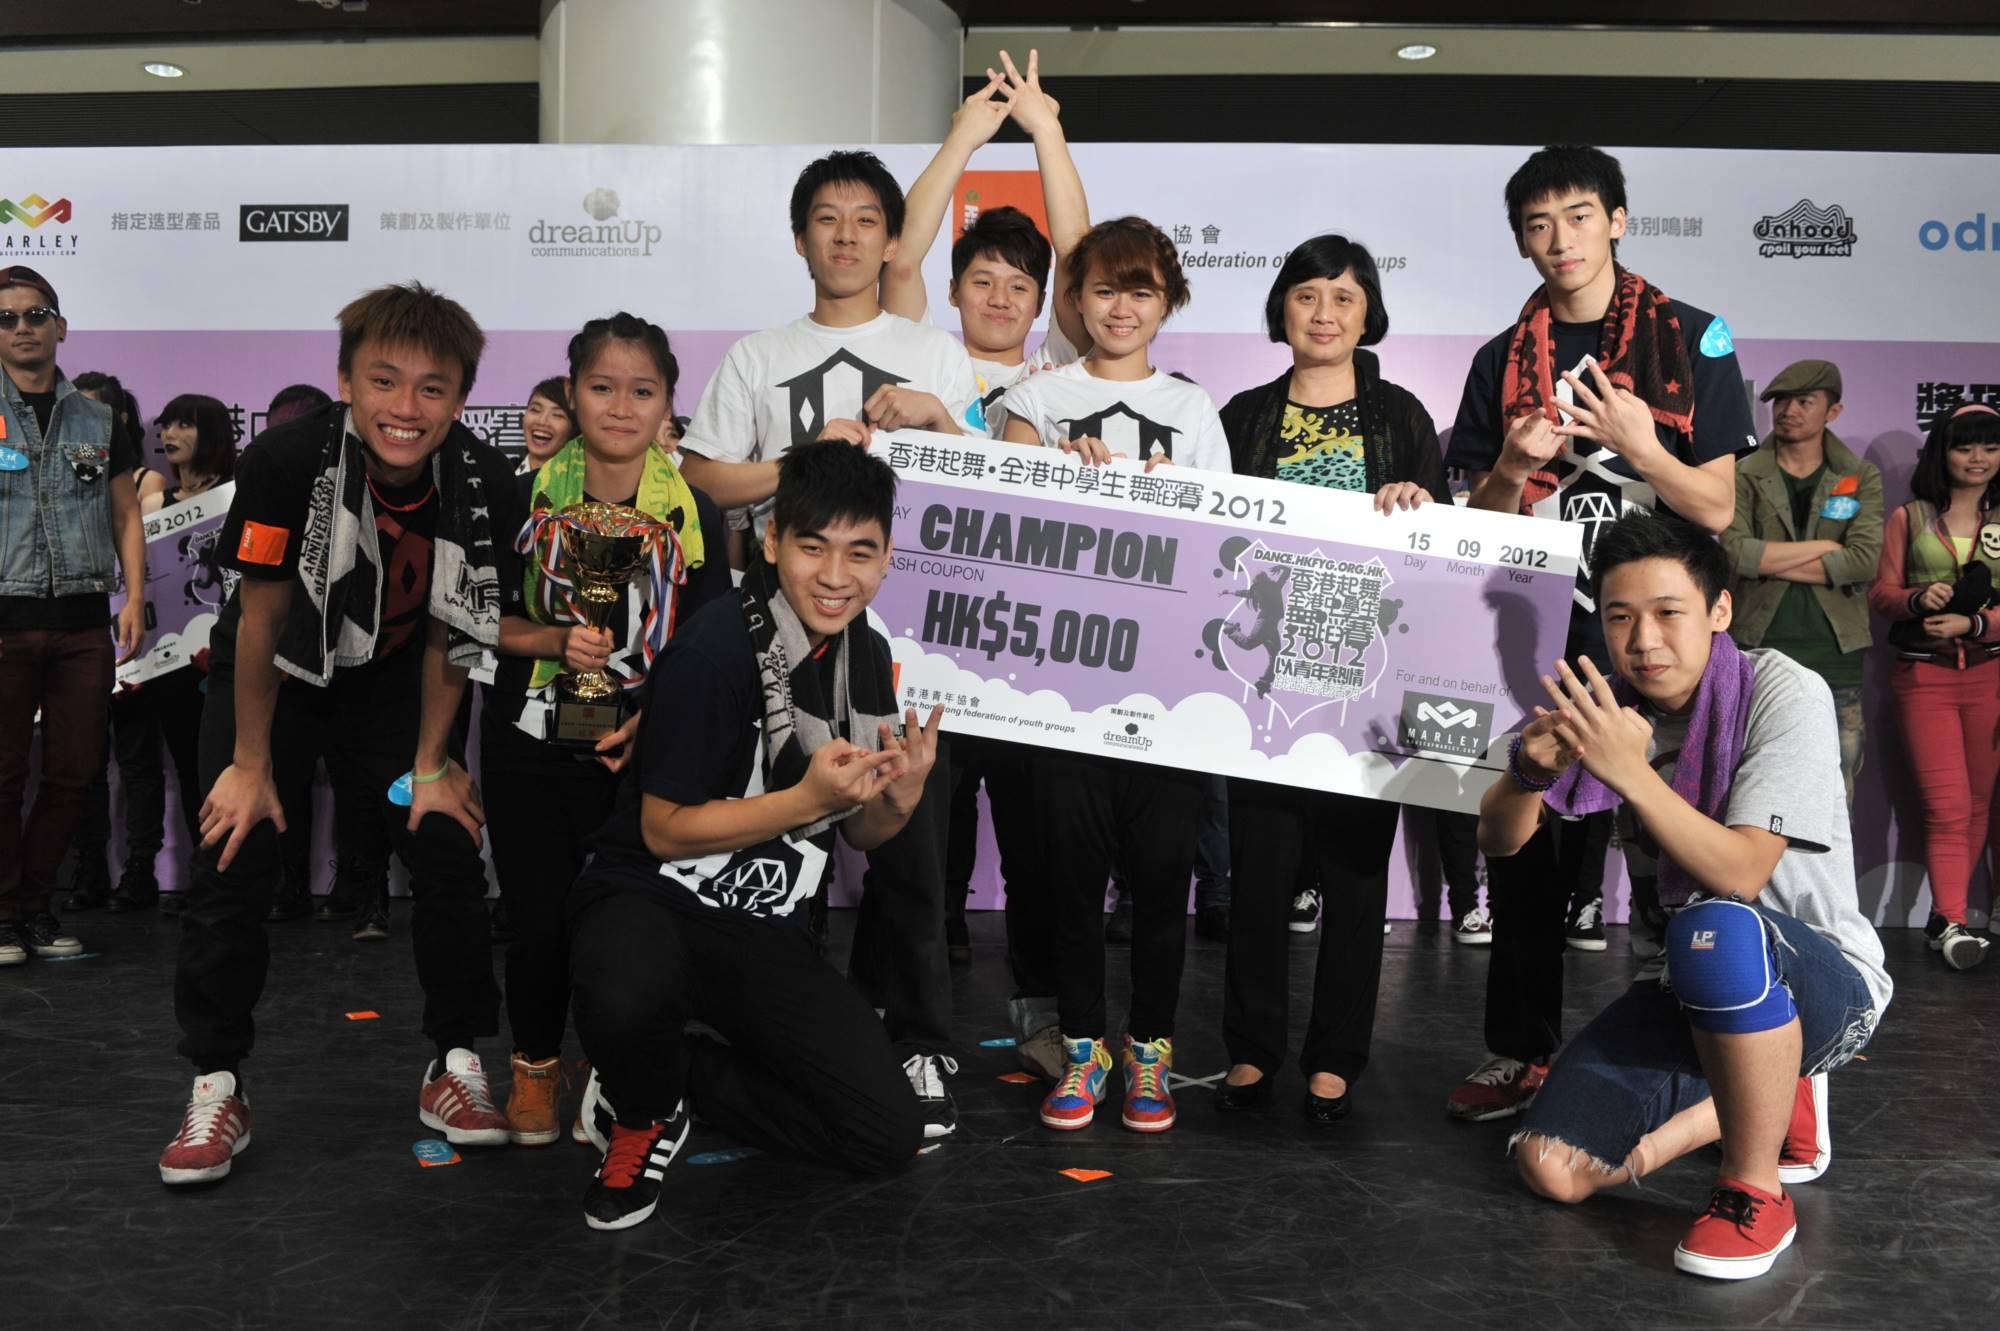 全港中學生舞蹈賽2012得獎隊伍 (4)